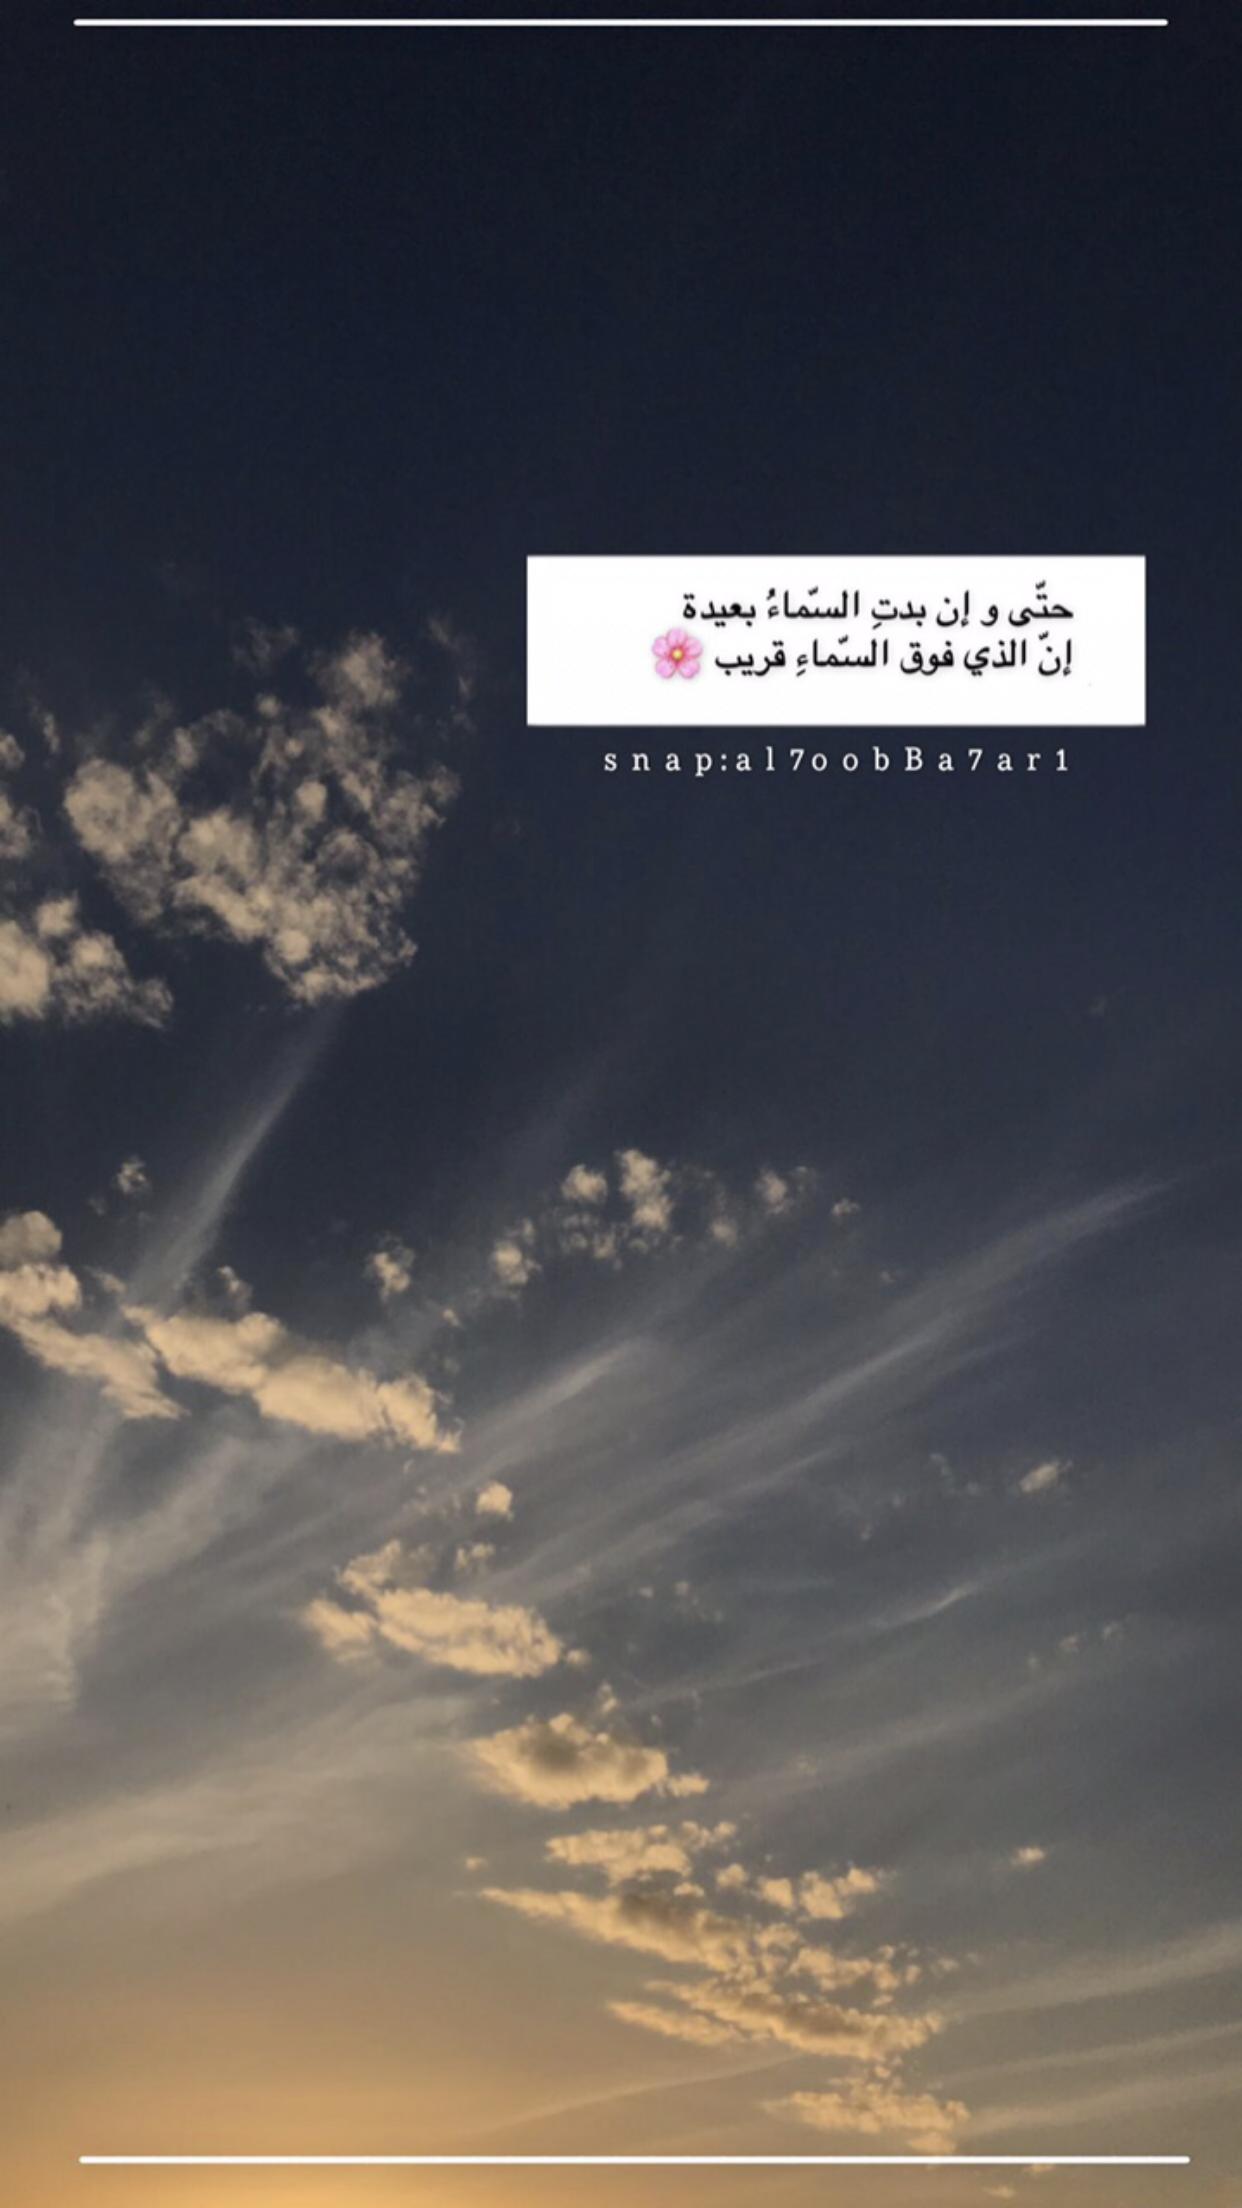 همسة حتى وإن بدت السماء بعيدة إن الذي فوق السماء قريب تصويري تصويري سناب تصم Cover Photo Quotes Iphone Wallpaper Quotes Love Quran Quotes Love